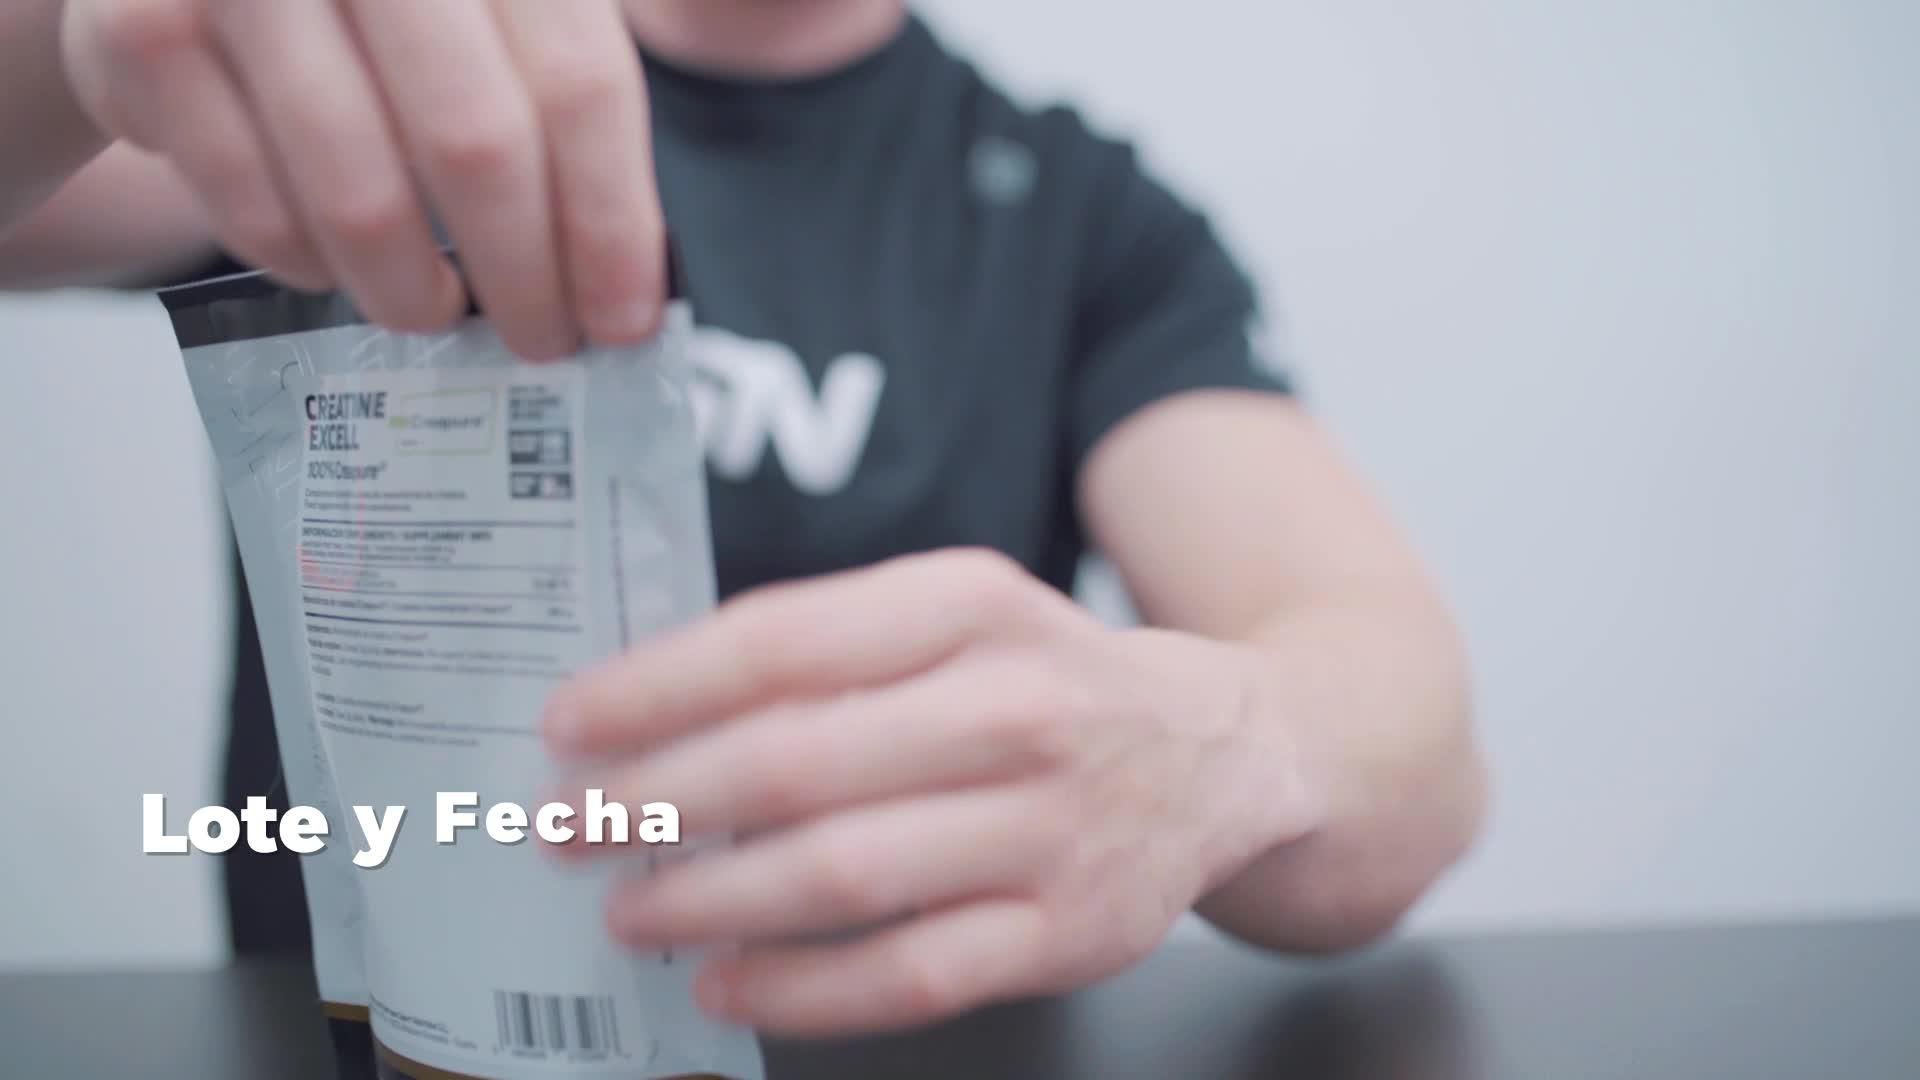 Creatina Creapure en Polvo de HSN   Creatina Excell 100% Creapure   Sello de Calidad Garantizada   Monohidrato de Creatina Micronizada   Vegano, Sin ...